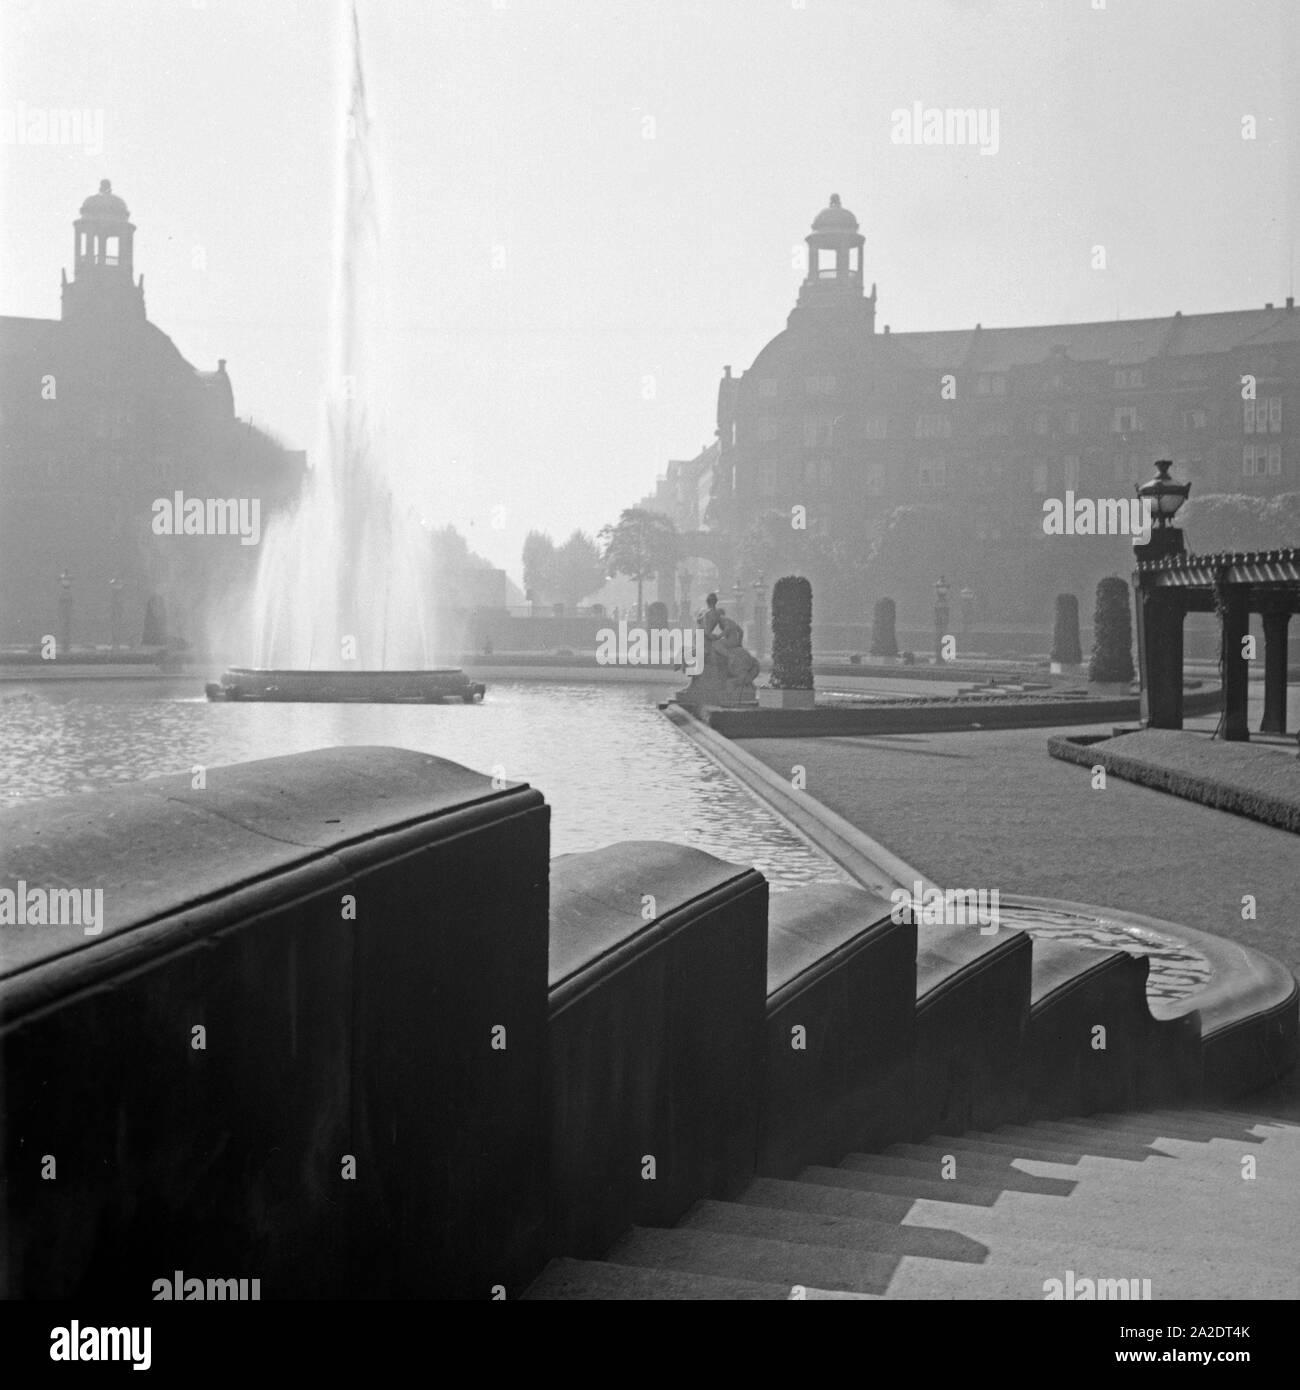 Brunnen am Wasserturm auf dem Friedrichsplatz in Mannheim, Deutschland, 1930er Jahre. Fountain near the Mannheim water tower at Friedrichsplatz square, Germany 1930s. Stock Photo